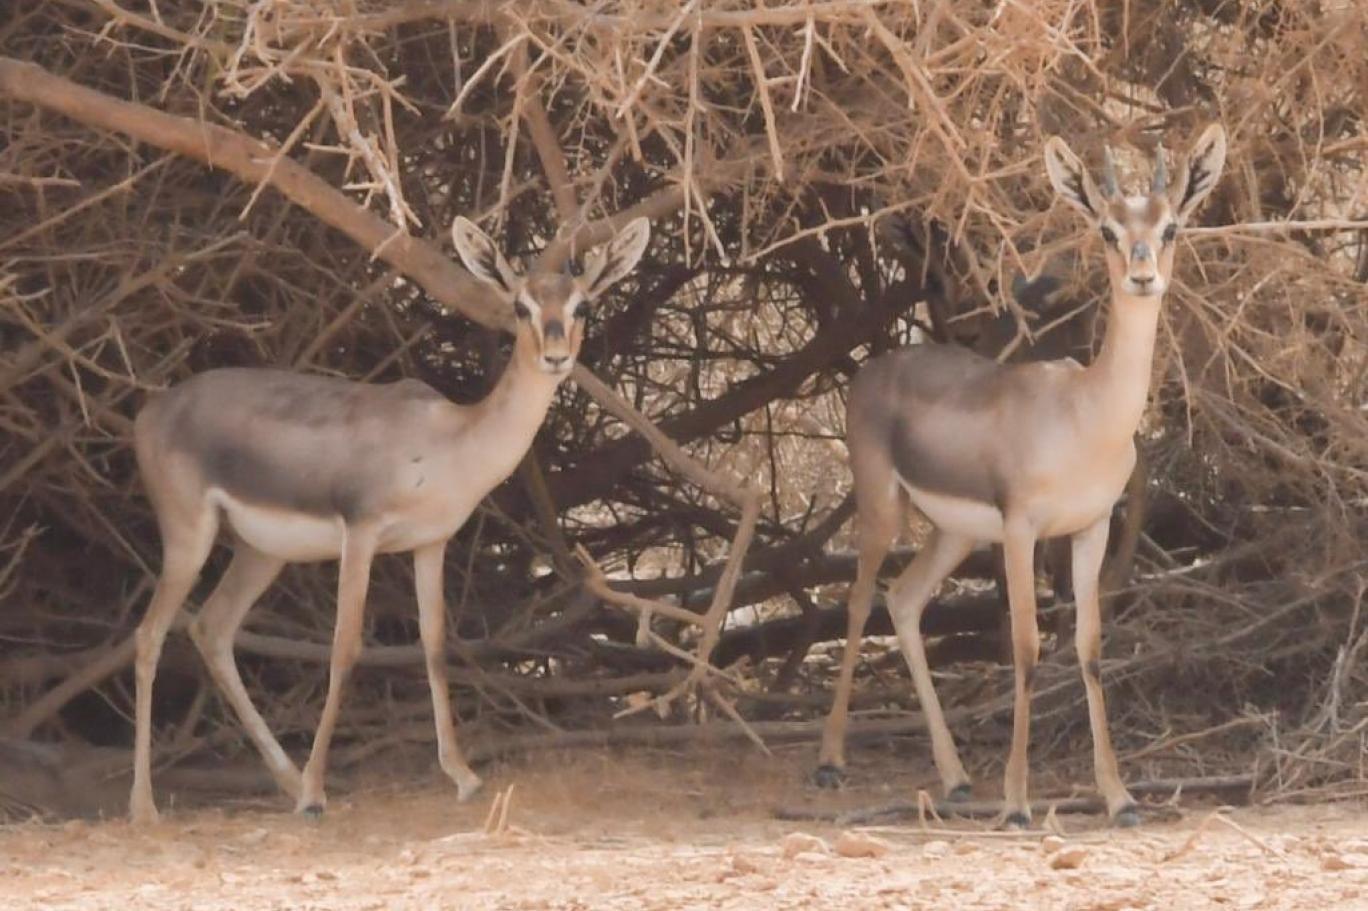 الغزال الفرساني أحد الأنواع المهددة بالانقراض عالميا (خالد حمزي).jpg